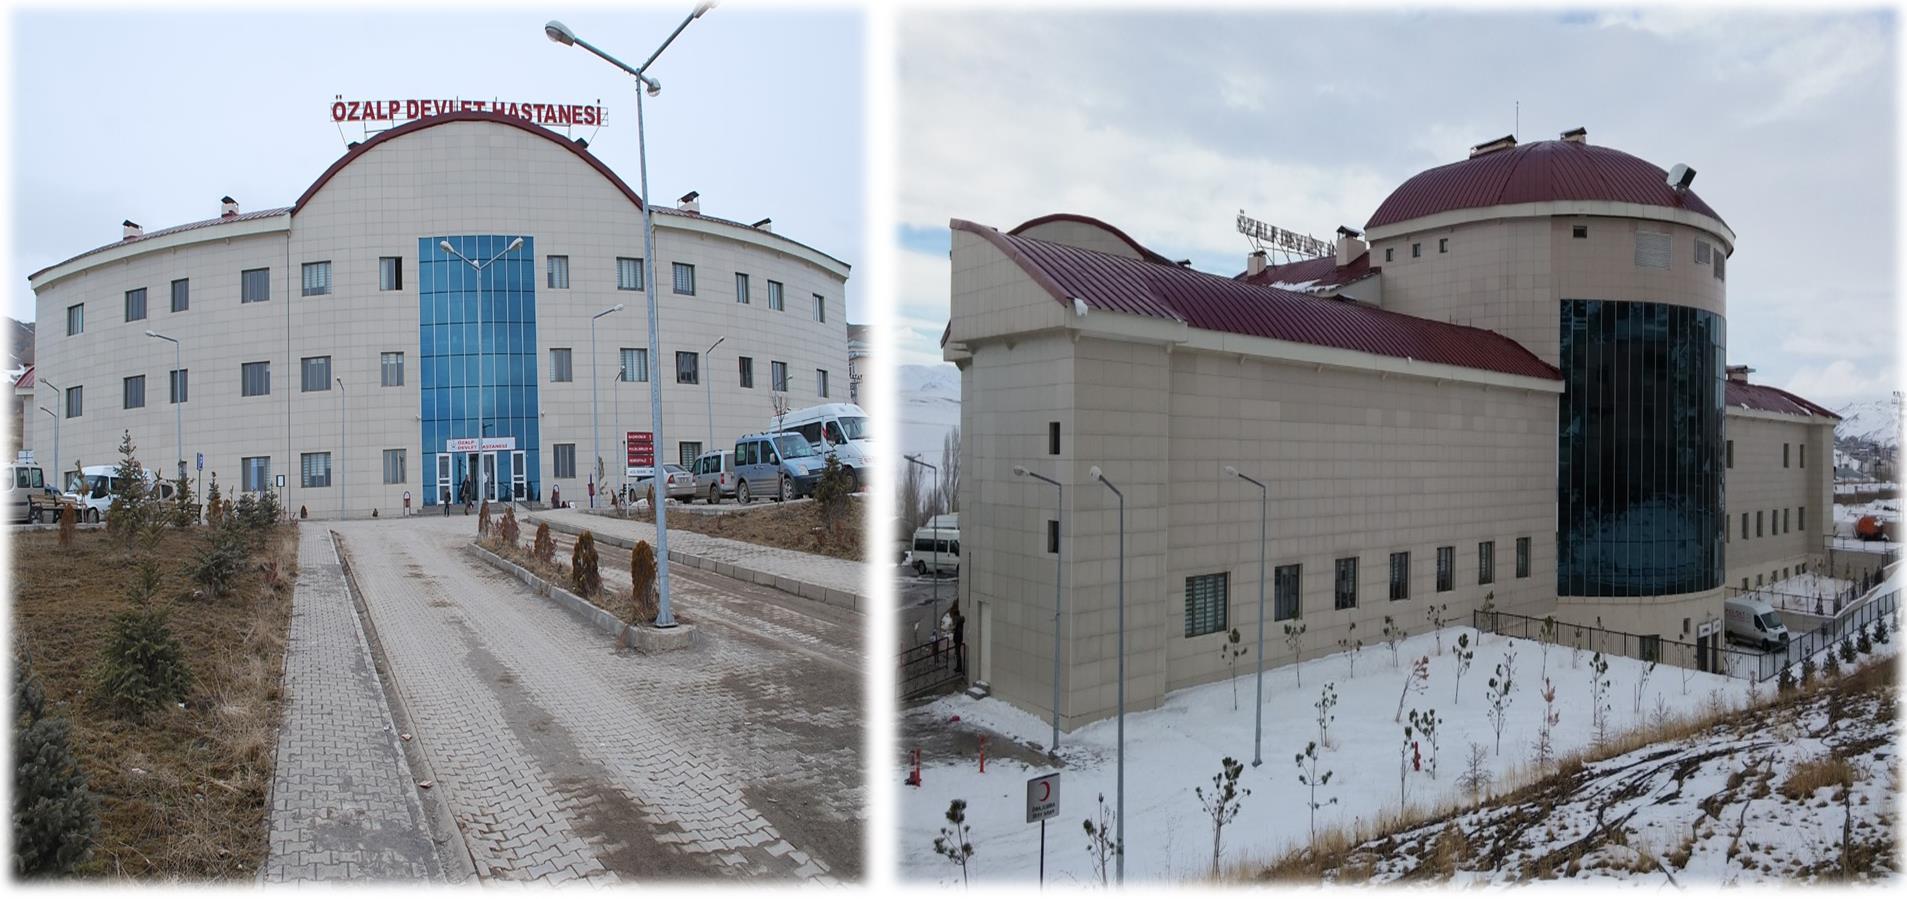 Özalp Devlet Hastanesinin Yapımı